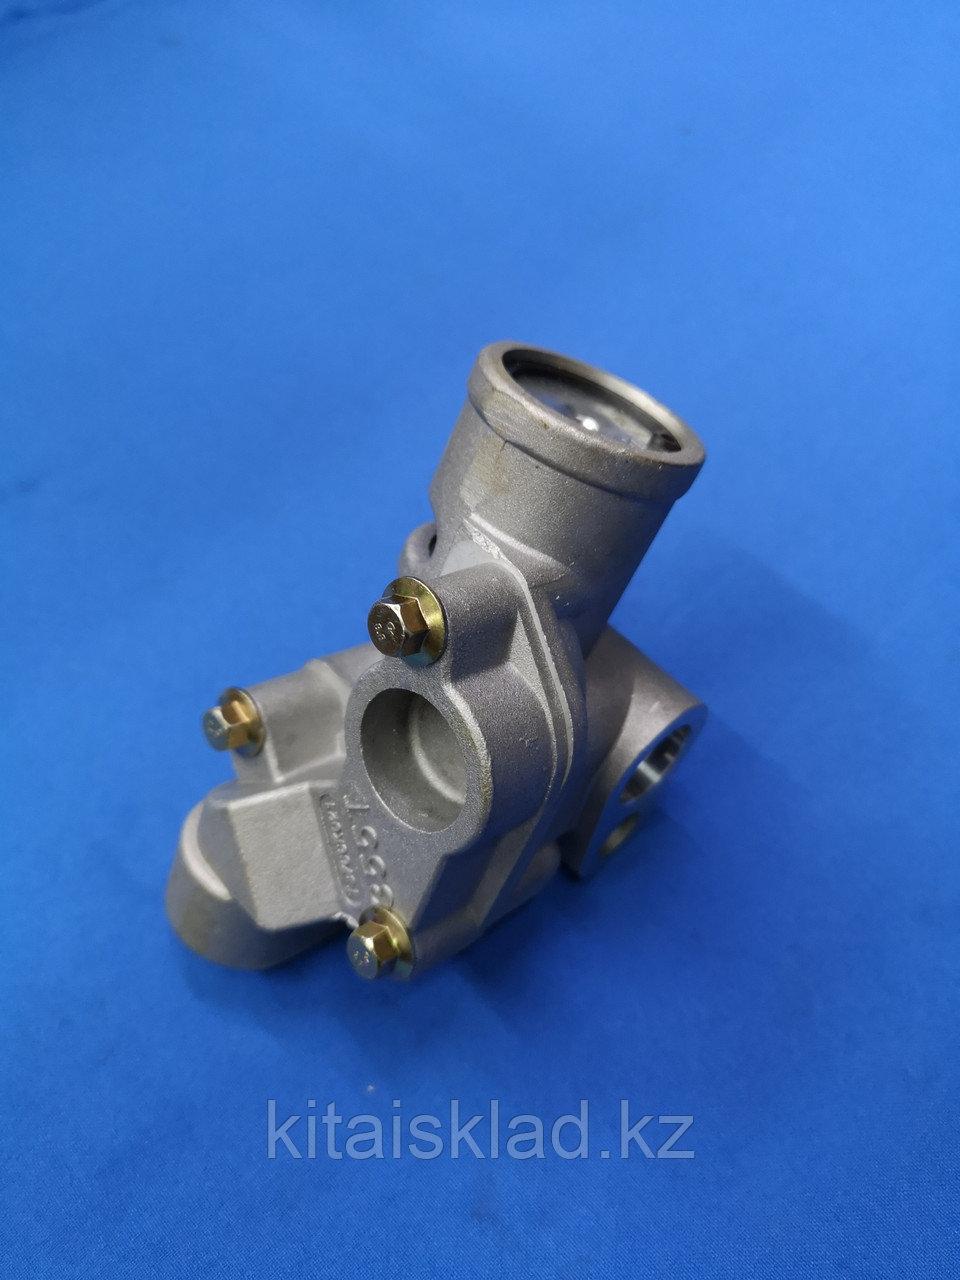 Клапан перепускной масляного насоса T4138A049 Perkins (редукционный клапан)